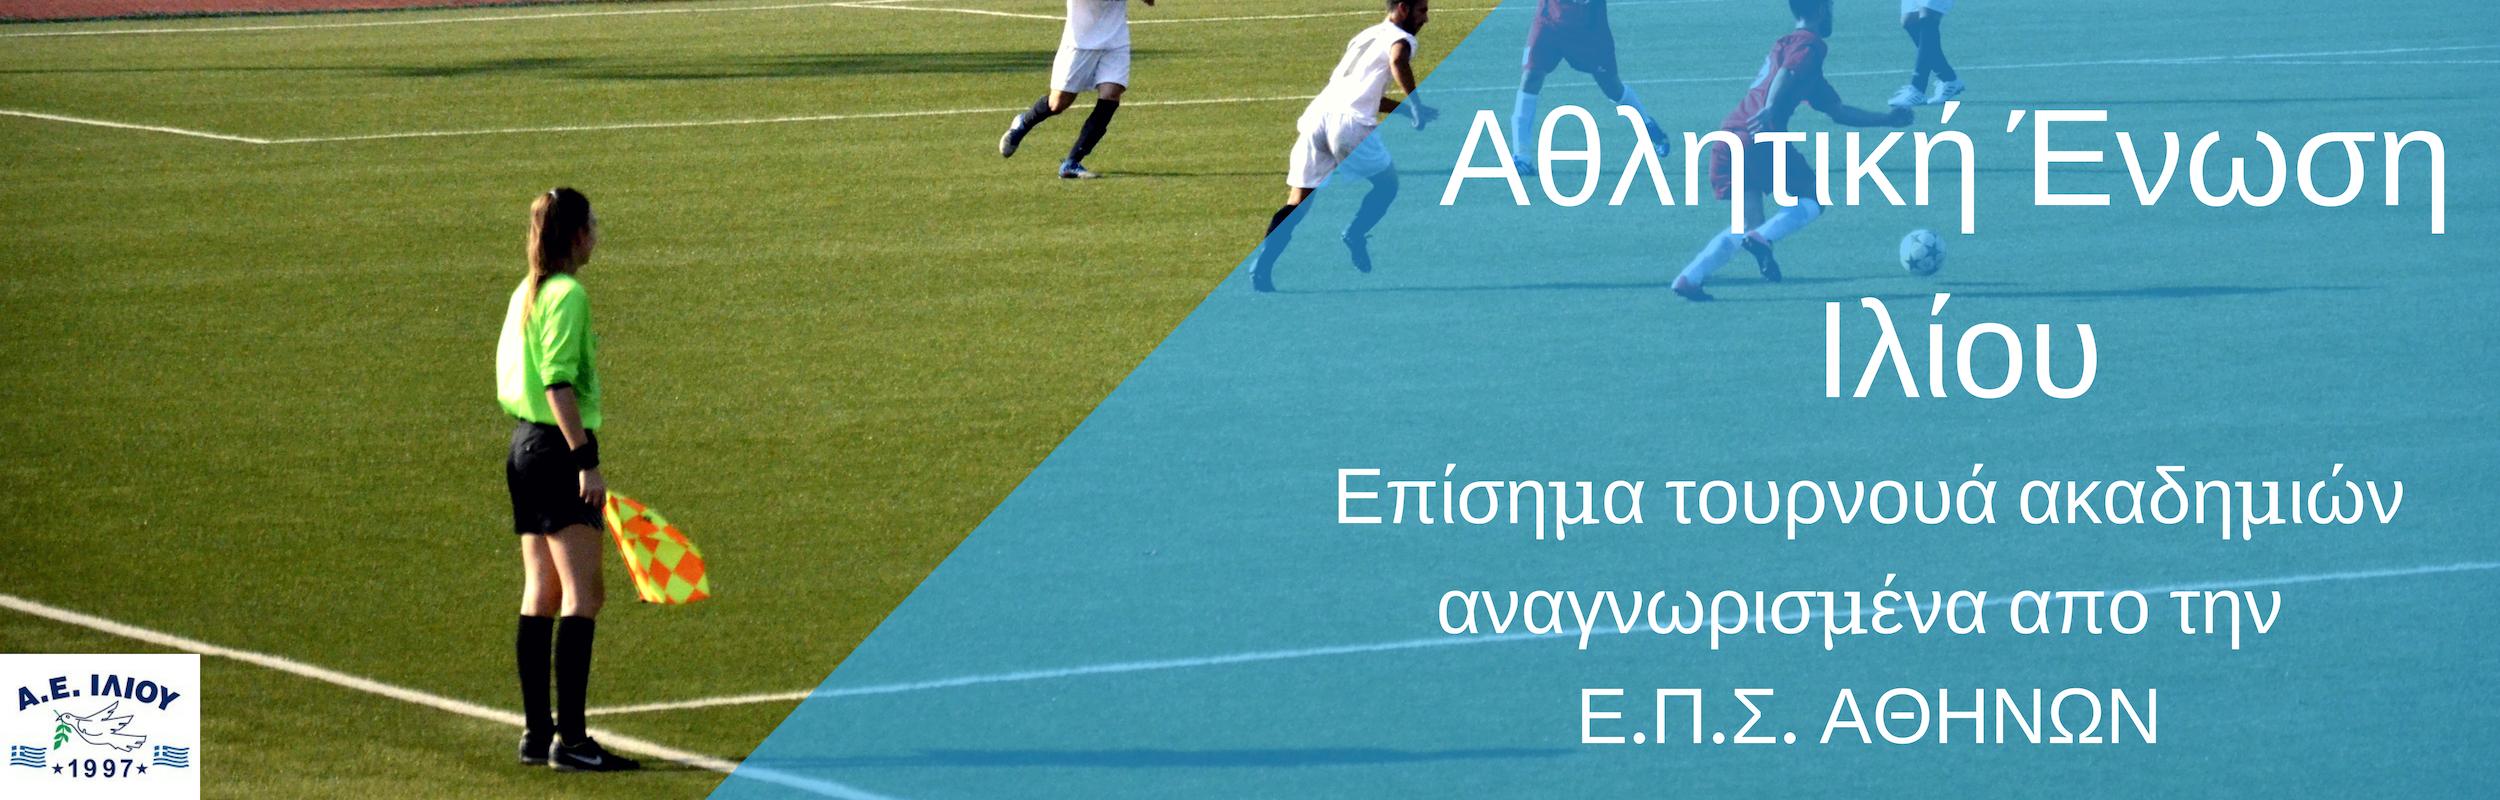 Αθλητική Ένωση Ιλίου-ΑΚΑΔΗΜΙΕΣ ΠΟΔΟΣΦΑΙΡΟΥ (2)